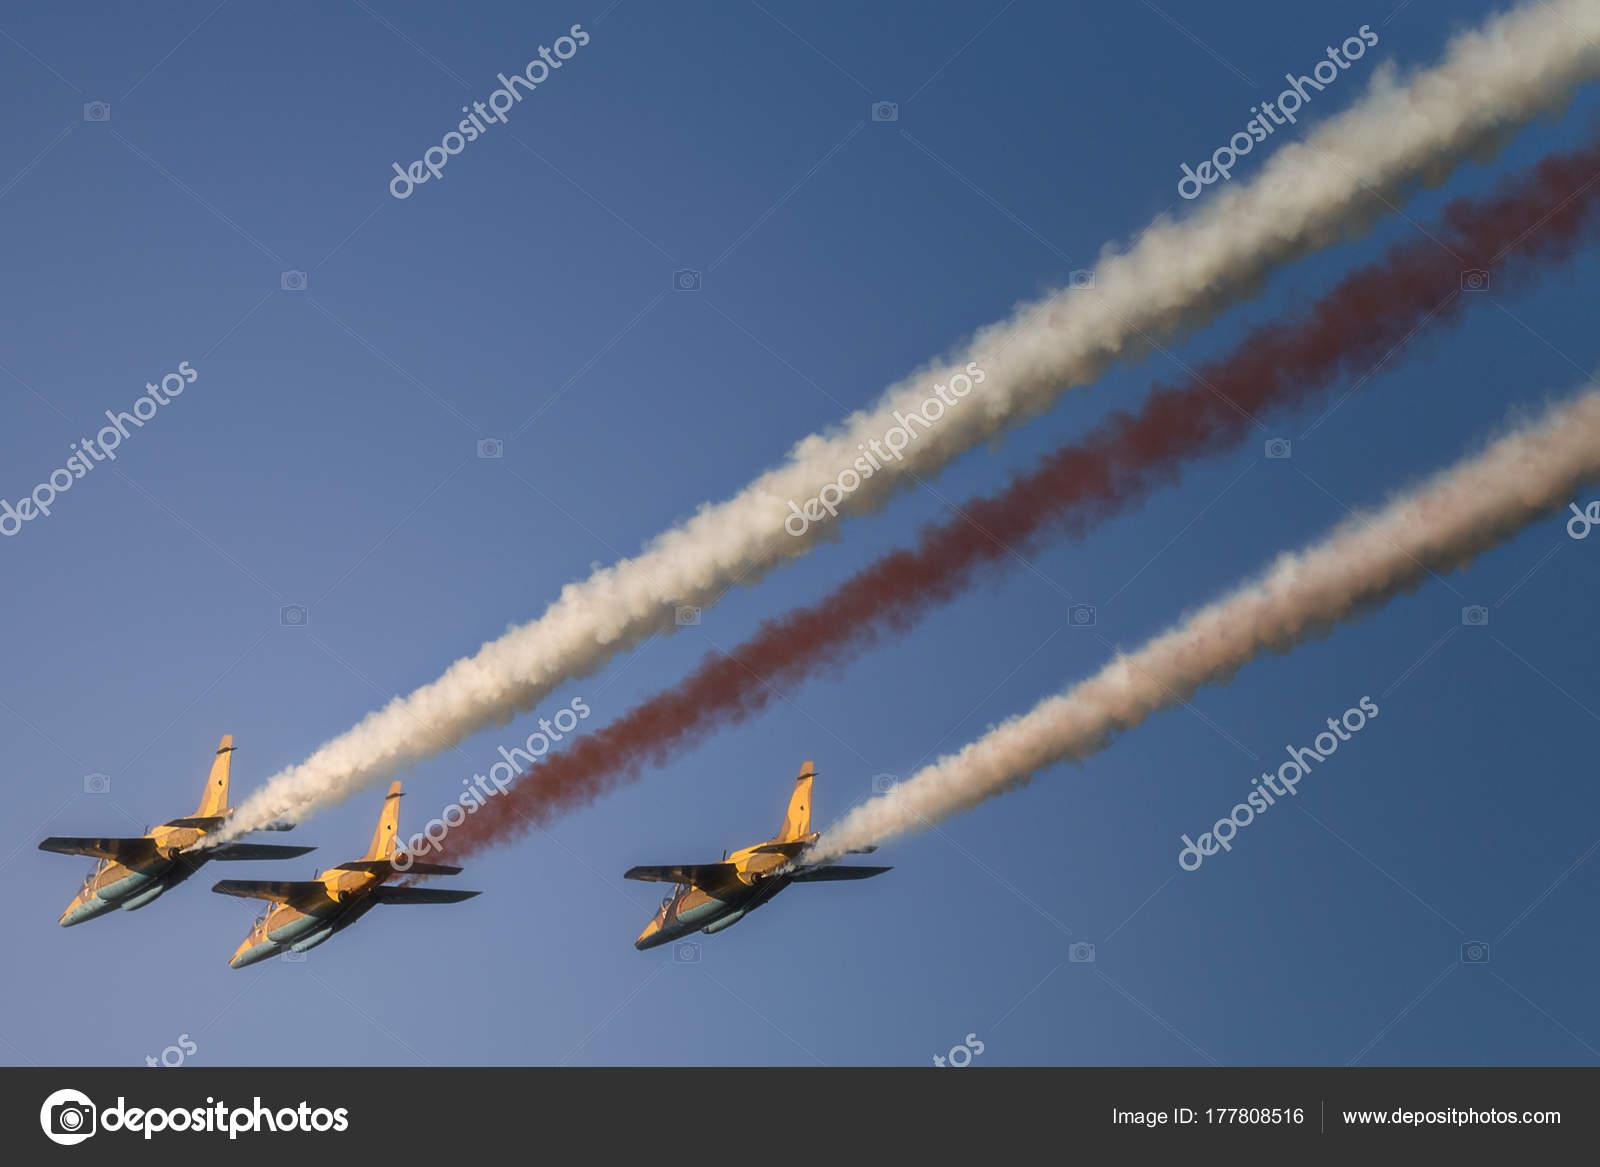 Reaktive Düsenjet fliegen in Formation am blauen Himmel ...